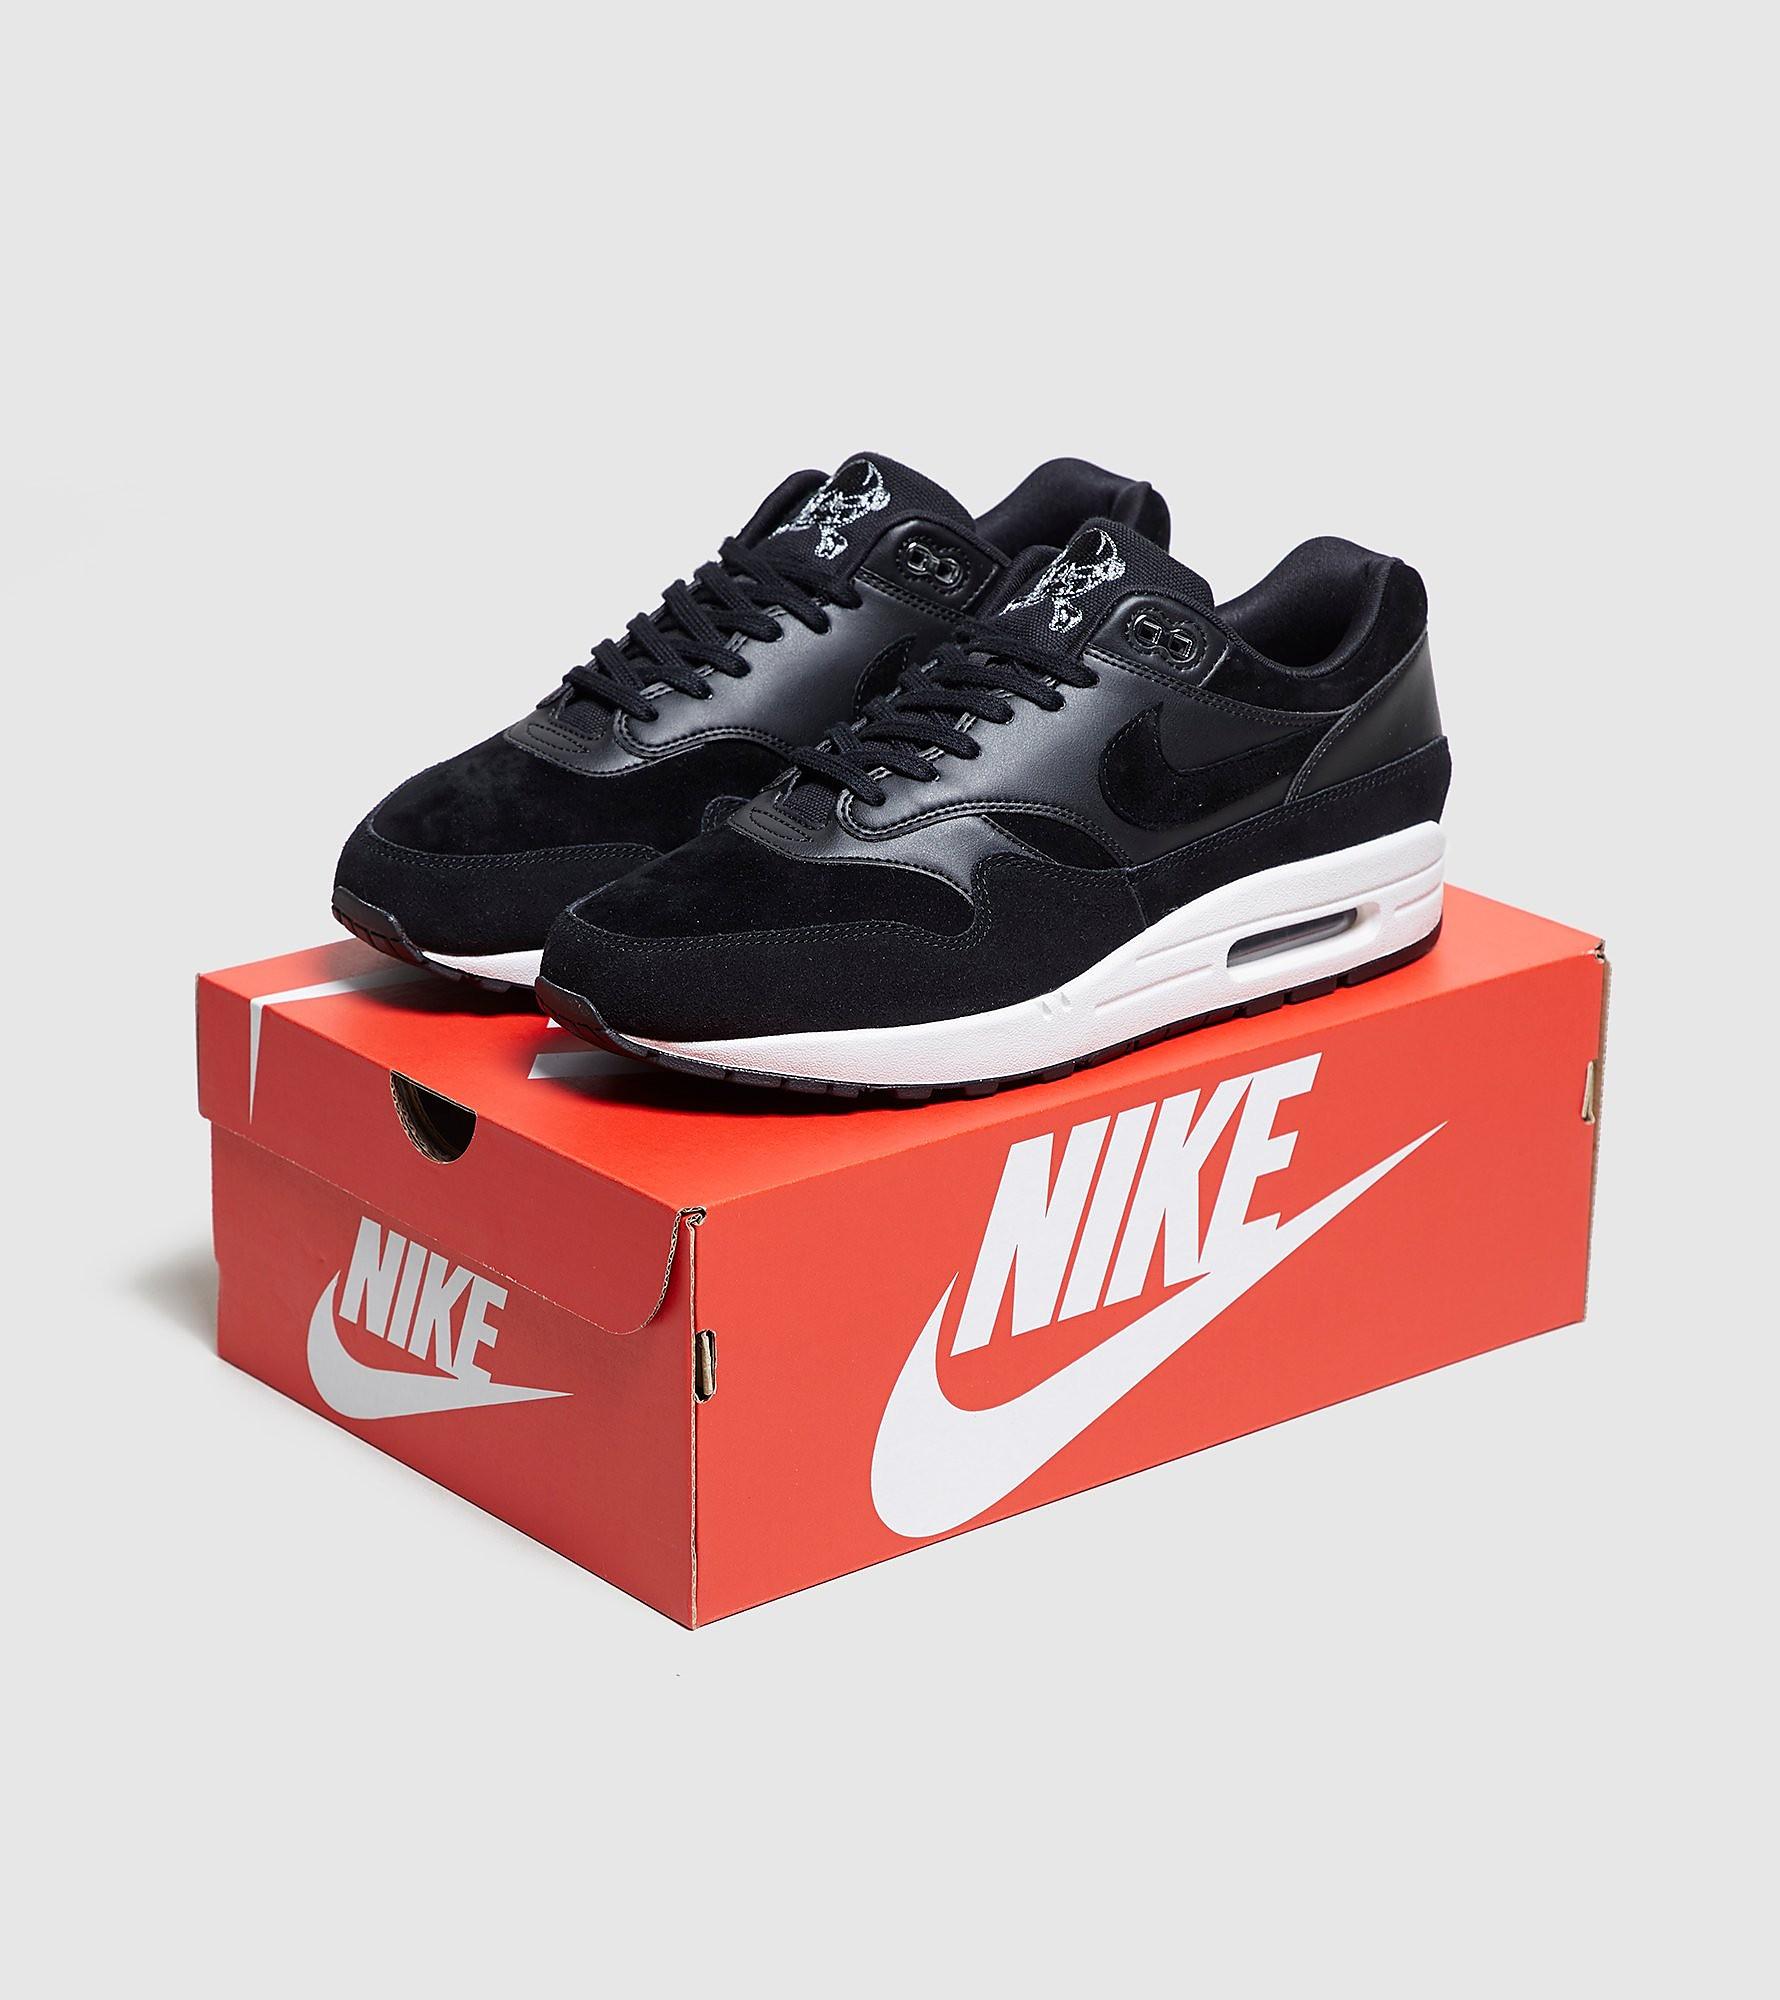 Nike Air Max 1 Skulls